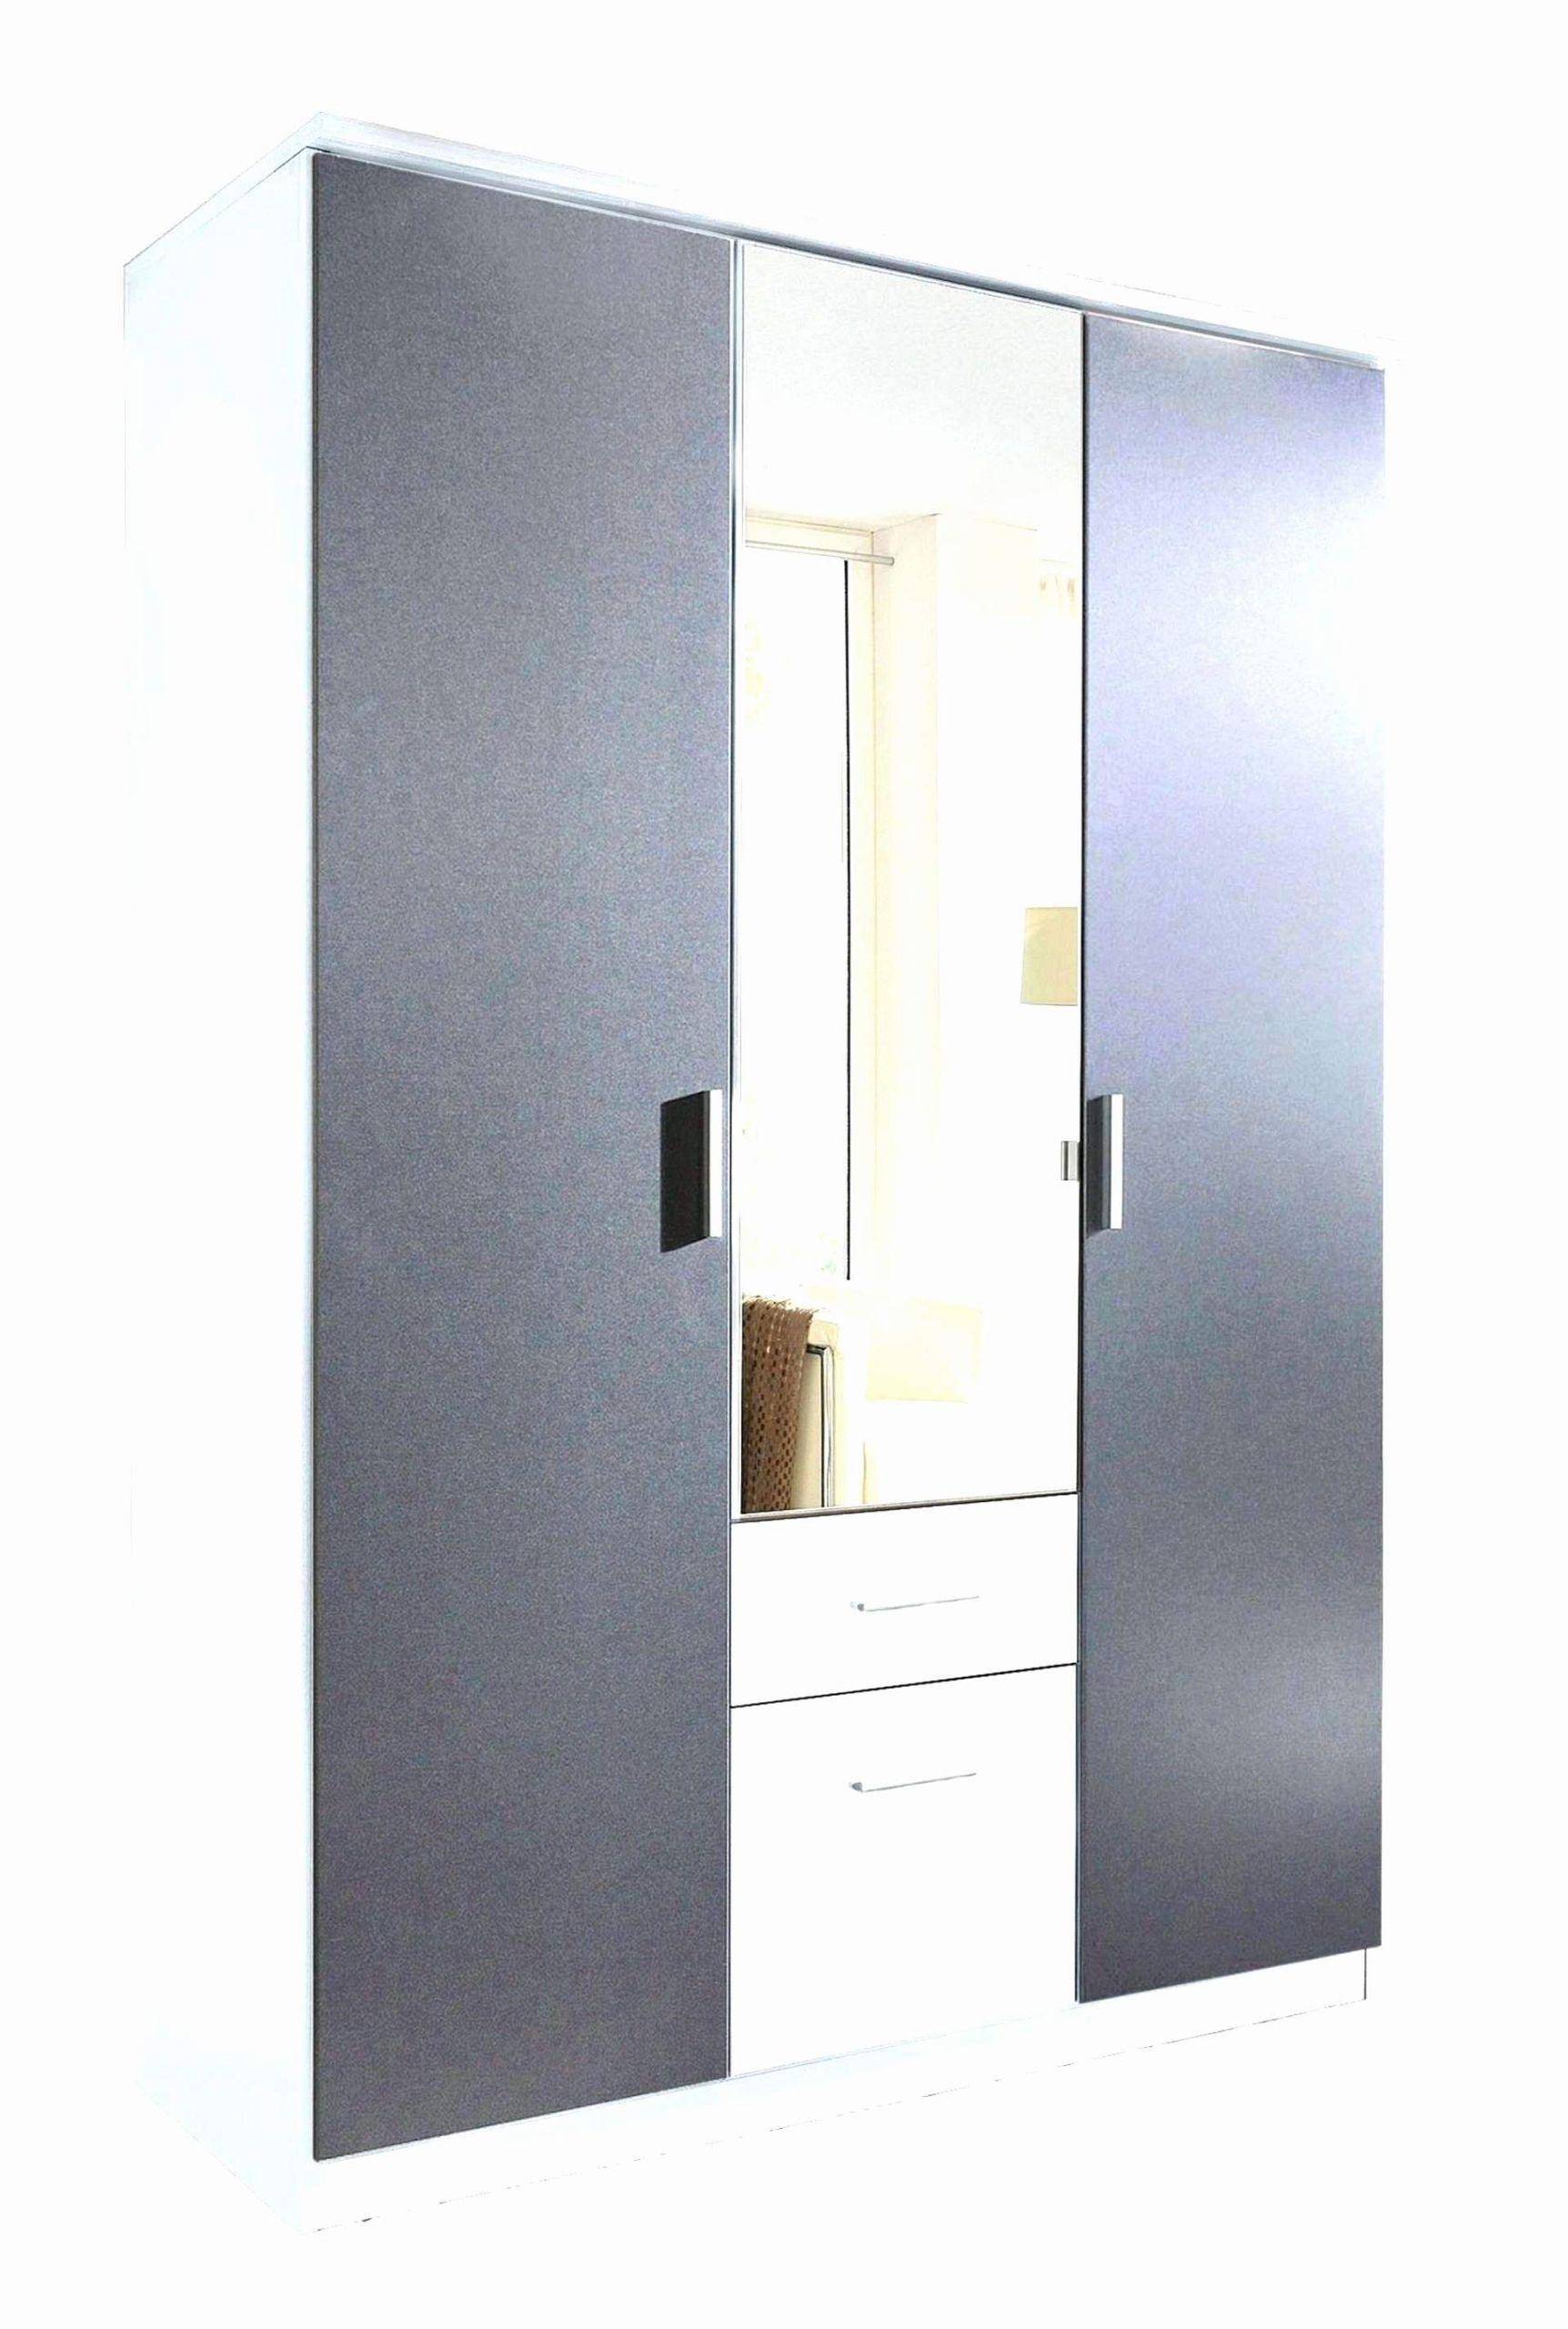 Full Size of Eckschrank Schlafzimmer Eckschrnke Wohnzimmer Elegant Ikea Landhaus Komplett Massivholz Günstige Set Mit Boxspringbett Wandleuchte Regal Wandtattoo Schlafzimmer Eckschrank Schlafzimmer